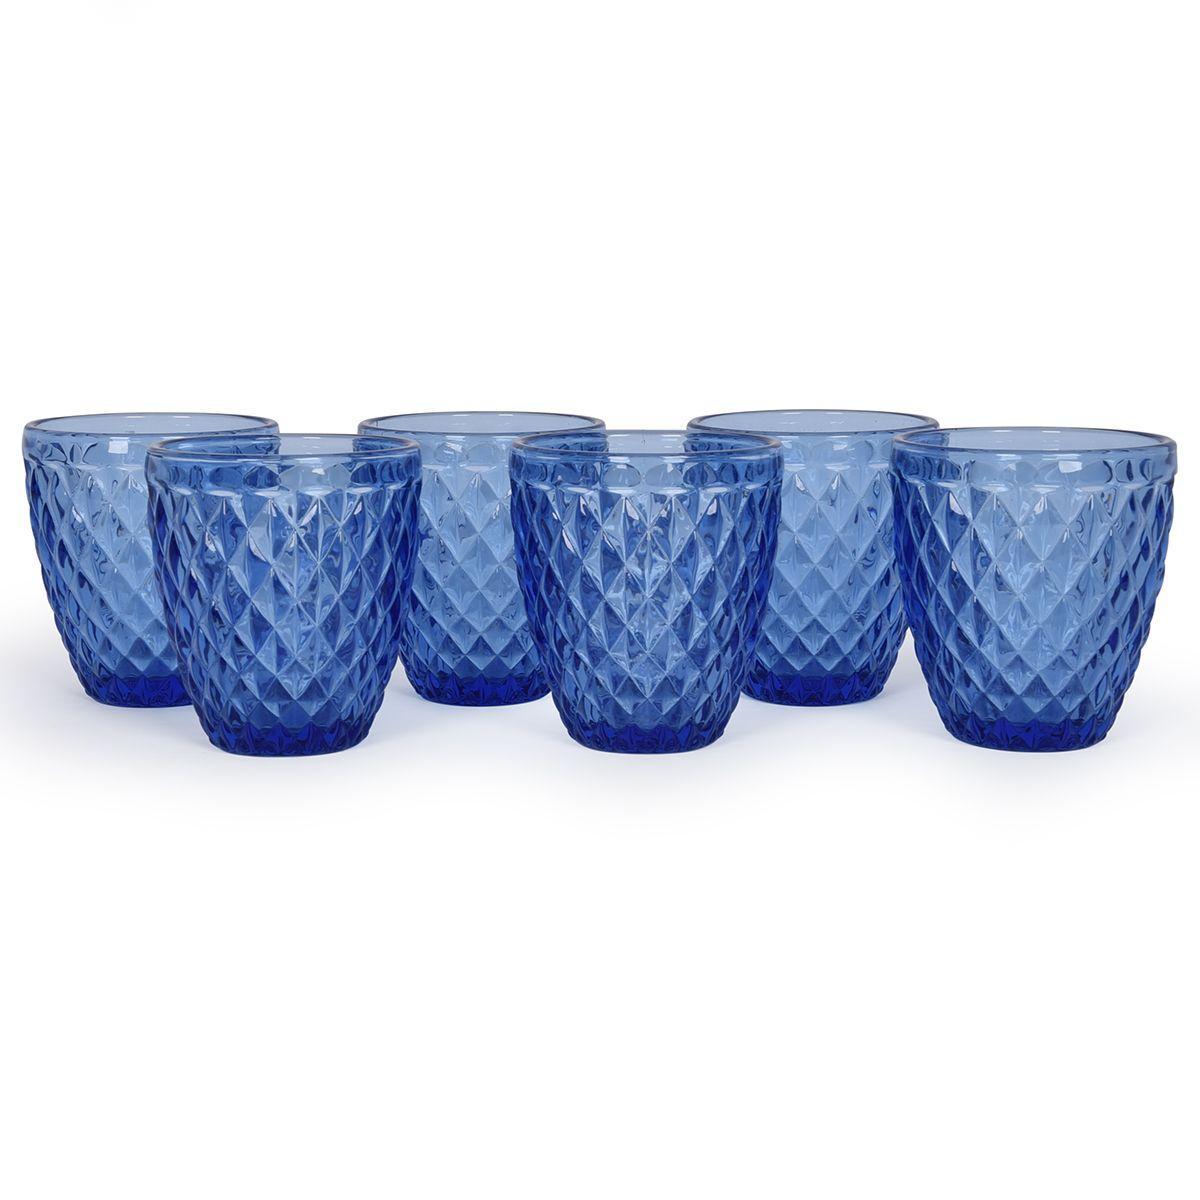 Набор синих стаканов Toscana Maison, 6 шт